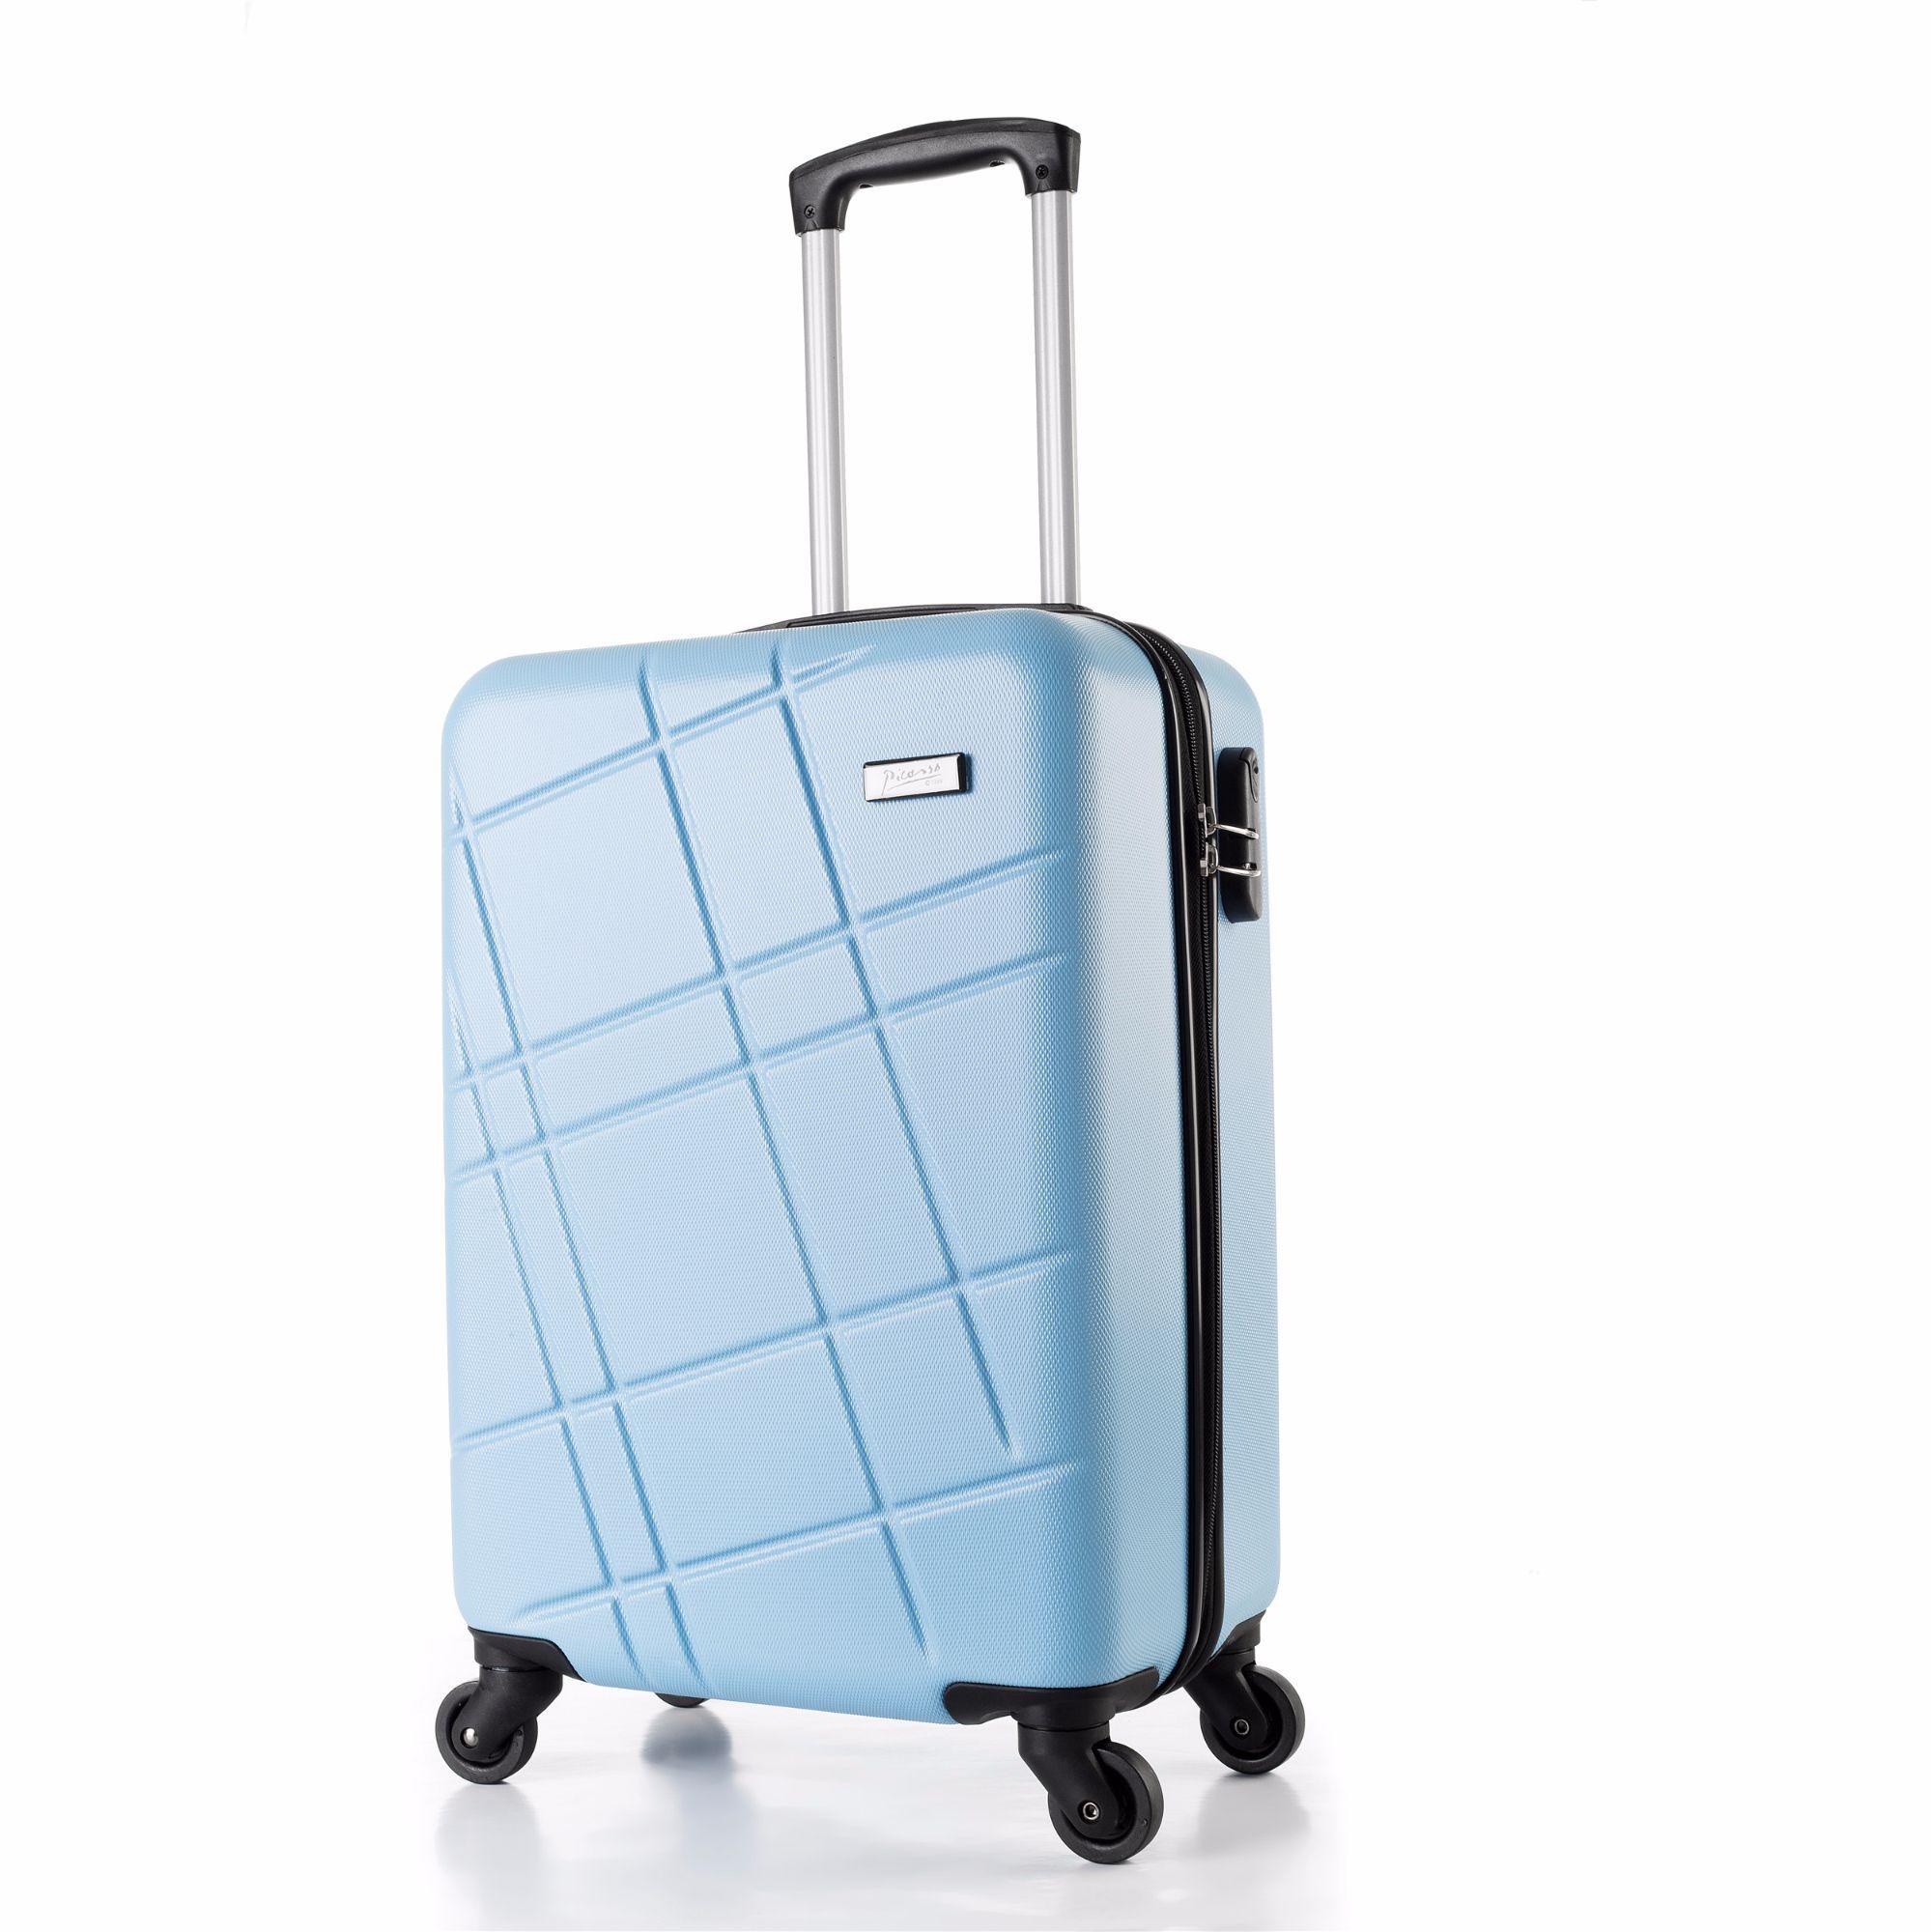 麦吉毕卡索拉杆箱登机箱行李箱拉链旅行箱万向轮2密码静音ABS